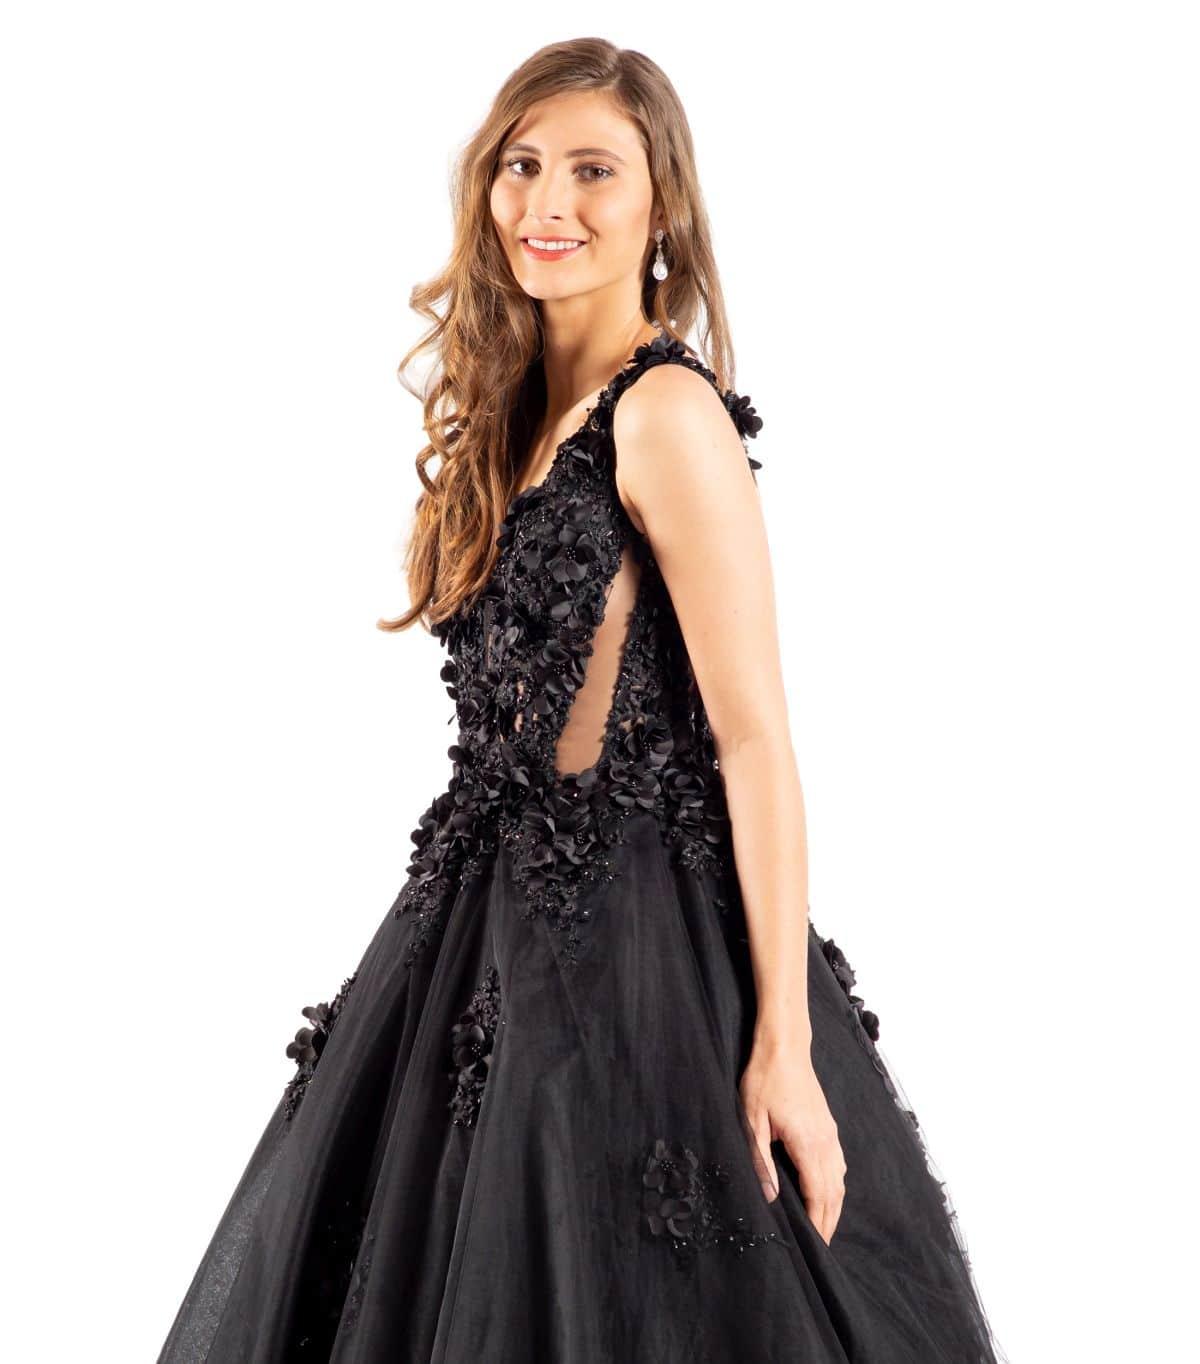 Ellaine schwarzes Brautkleid detailansicht.jpg